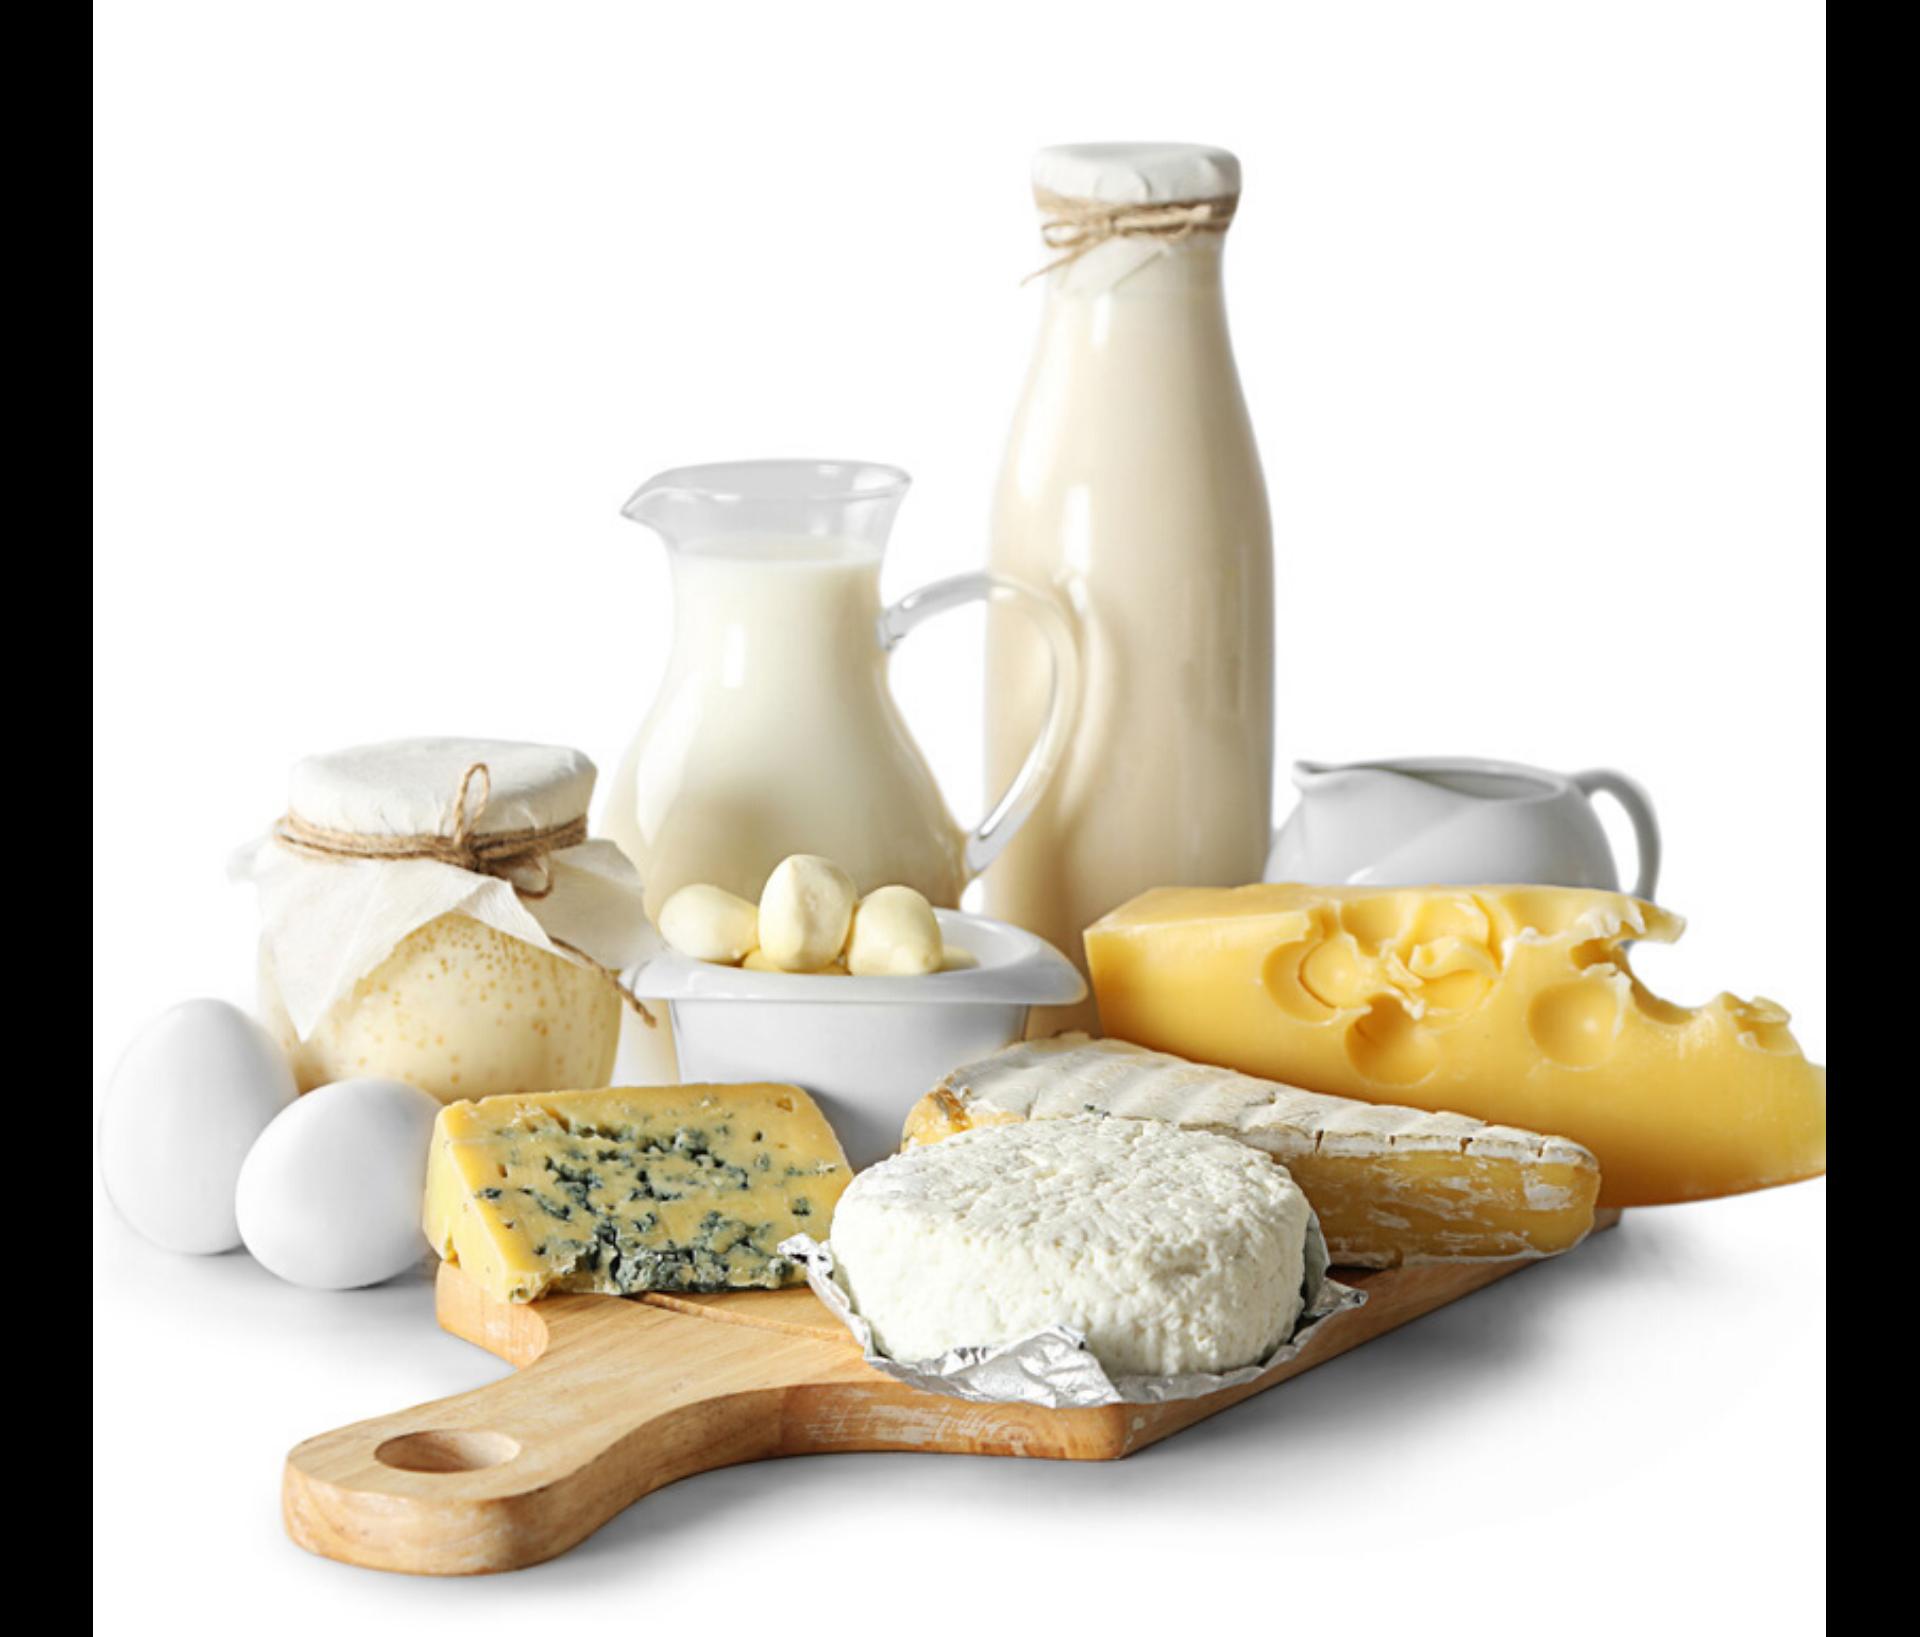 Mejeriprodukter - Fine Food Service i Sundsvall AB